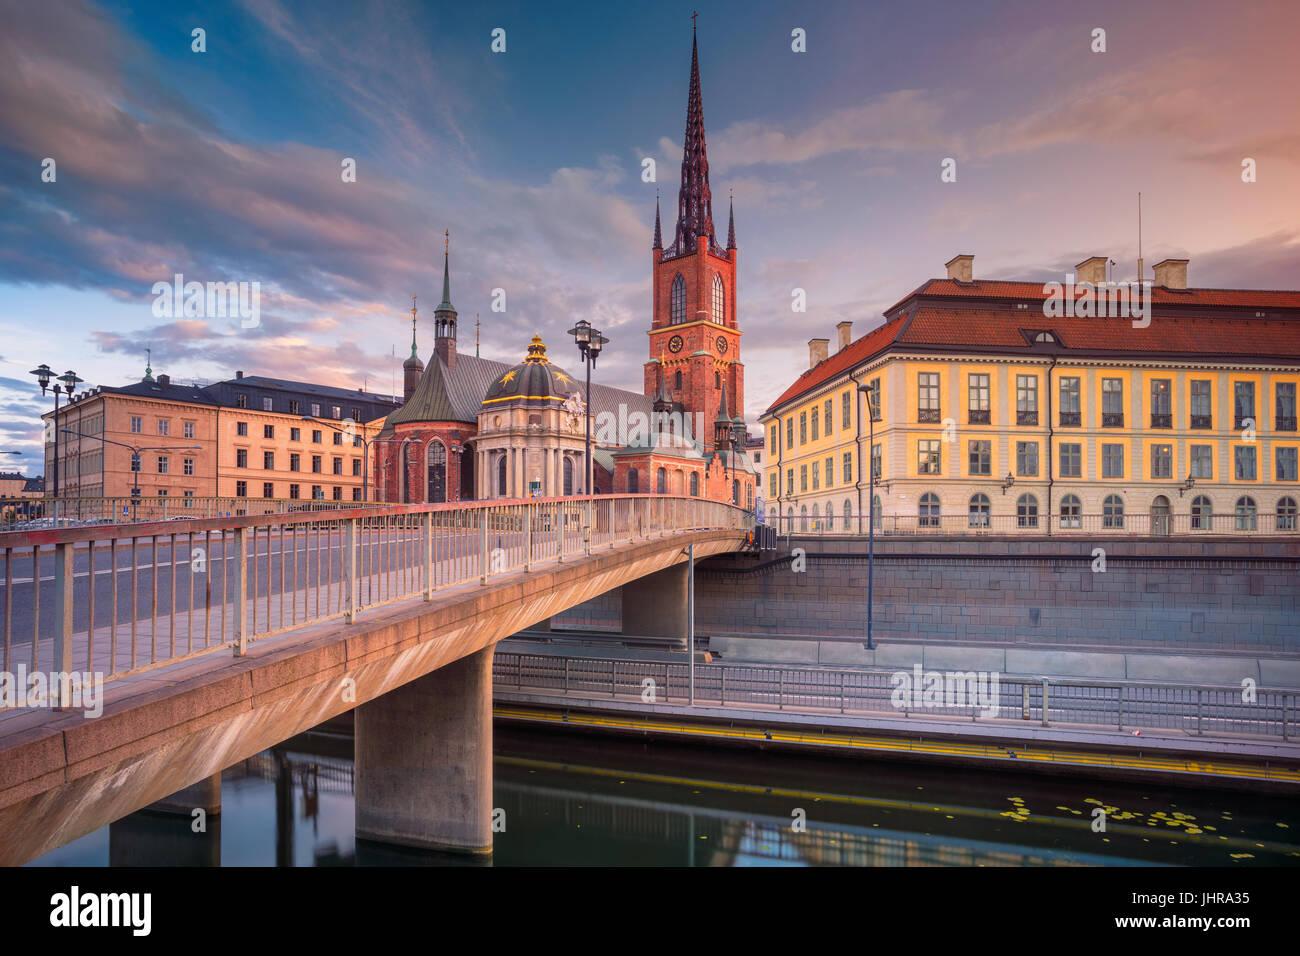 Stockholm. Das Bild der alten Stadt Stockholm, Schweden während des Sonnenuntergangs. Stockbild